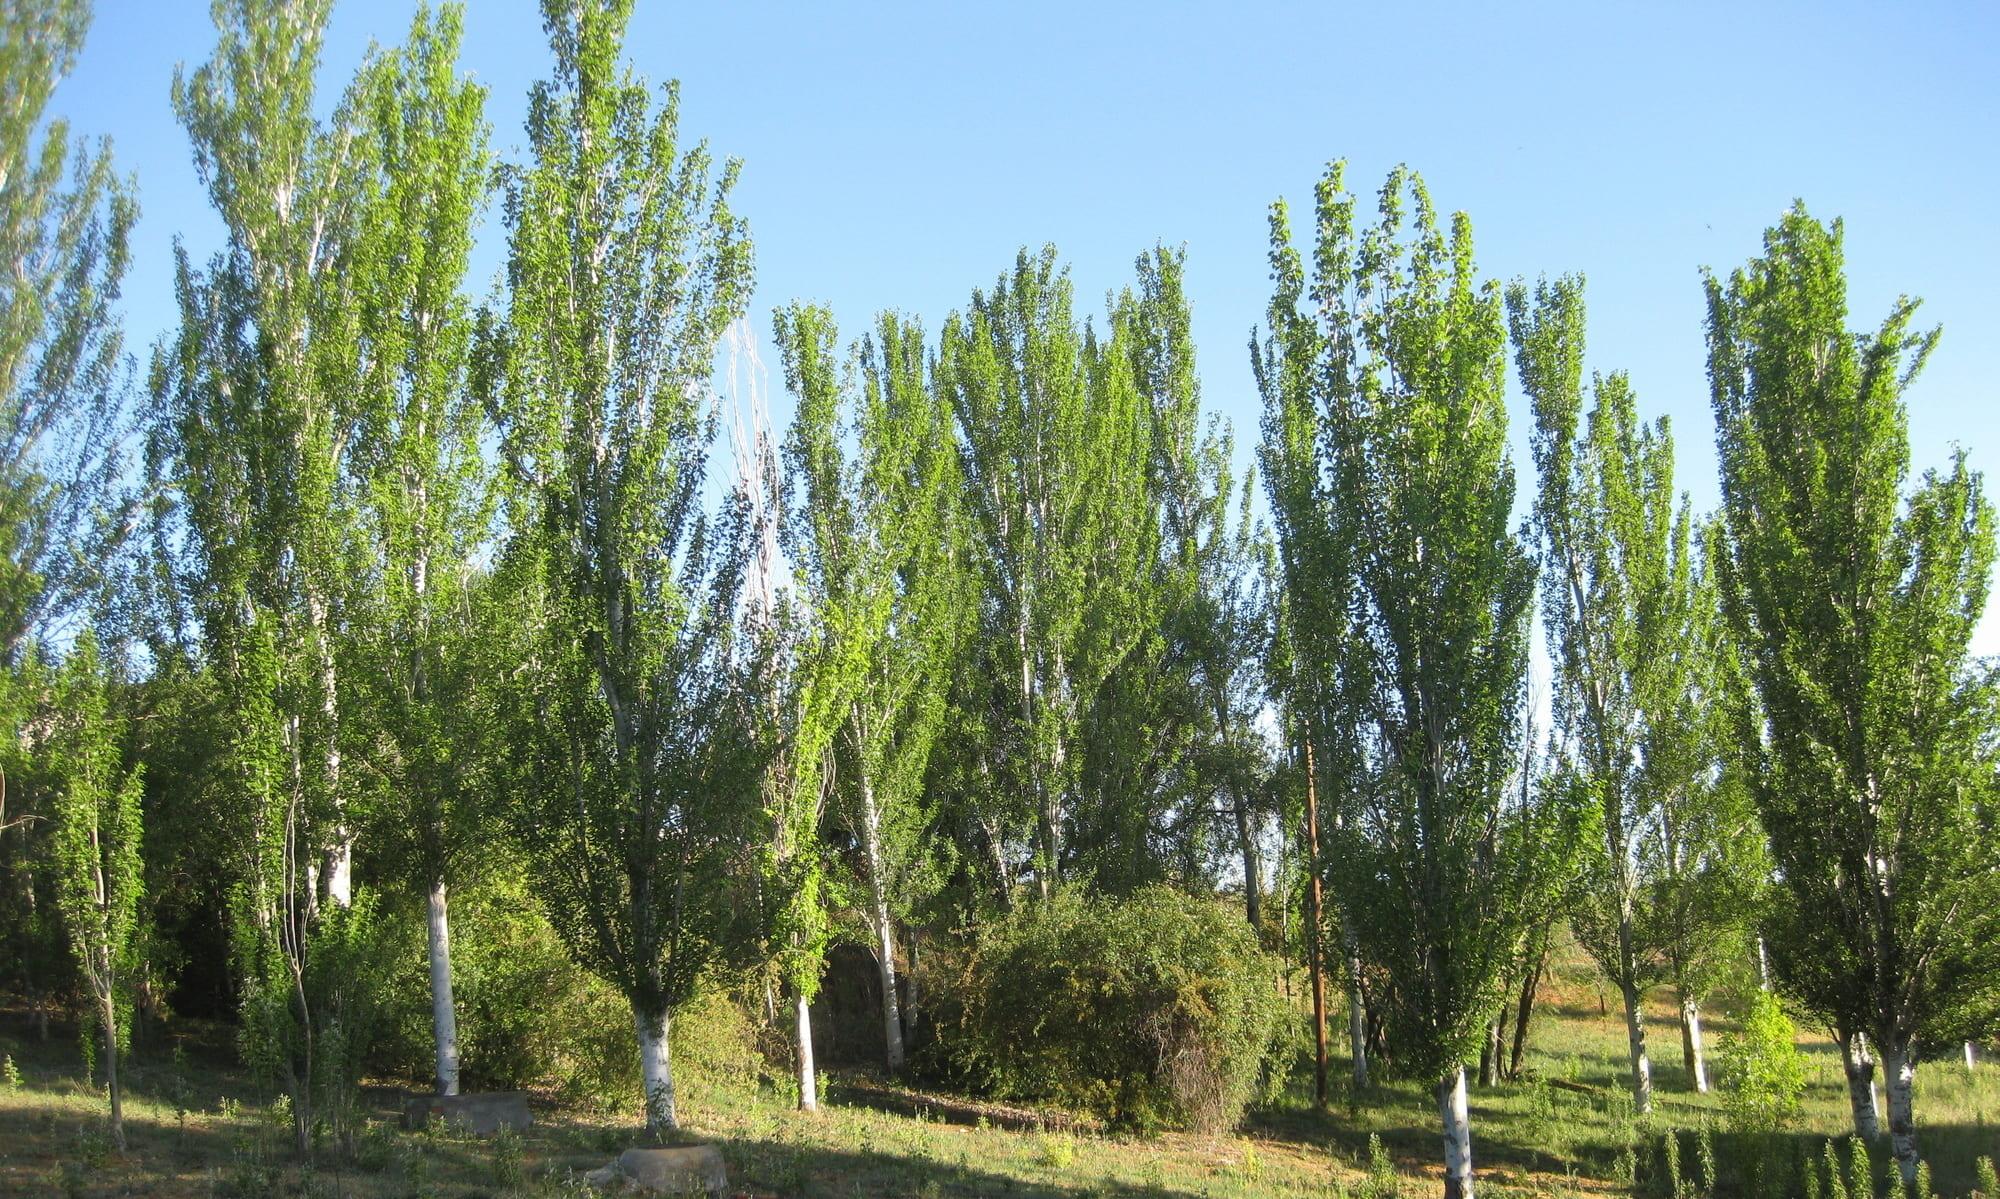 árboles : álamo blanco